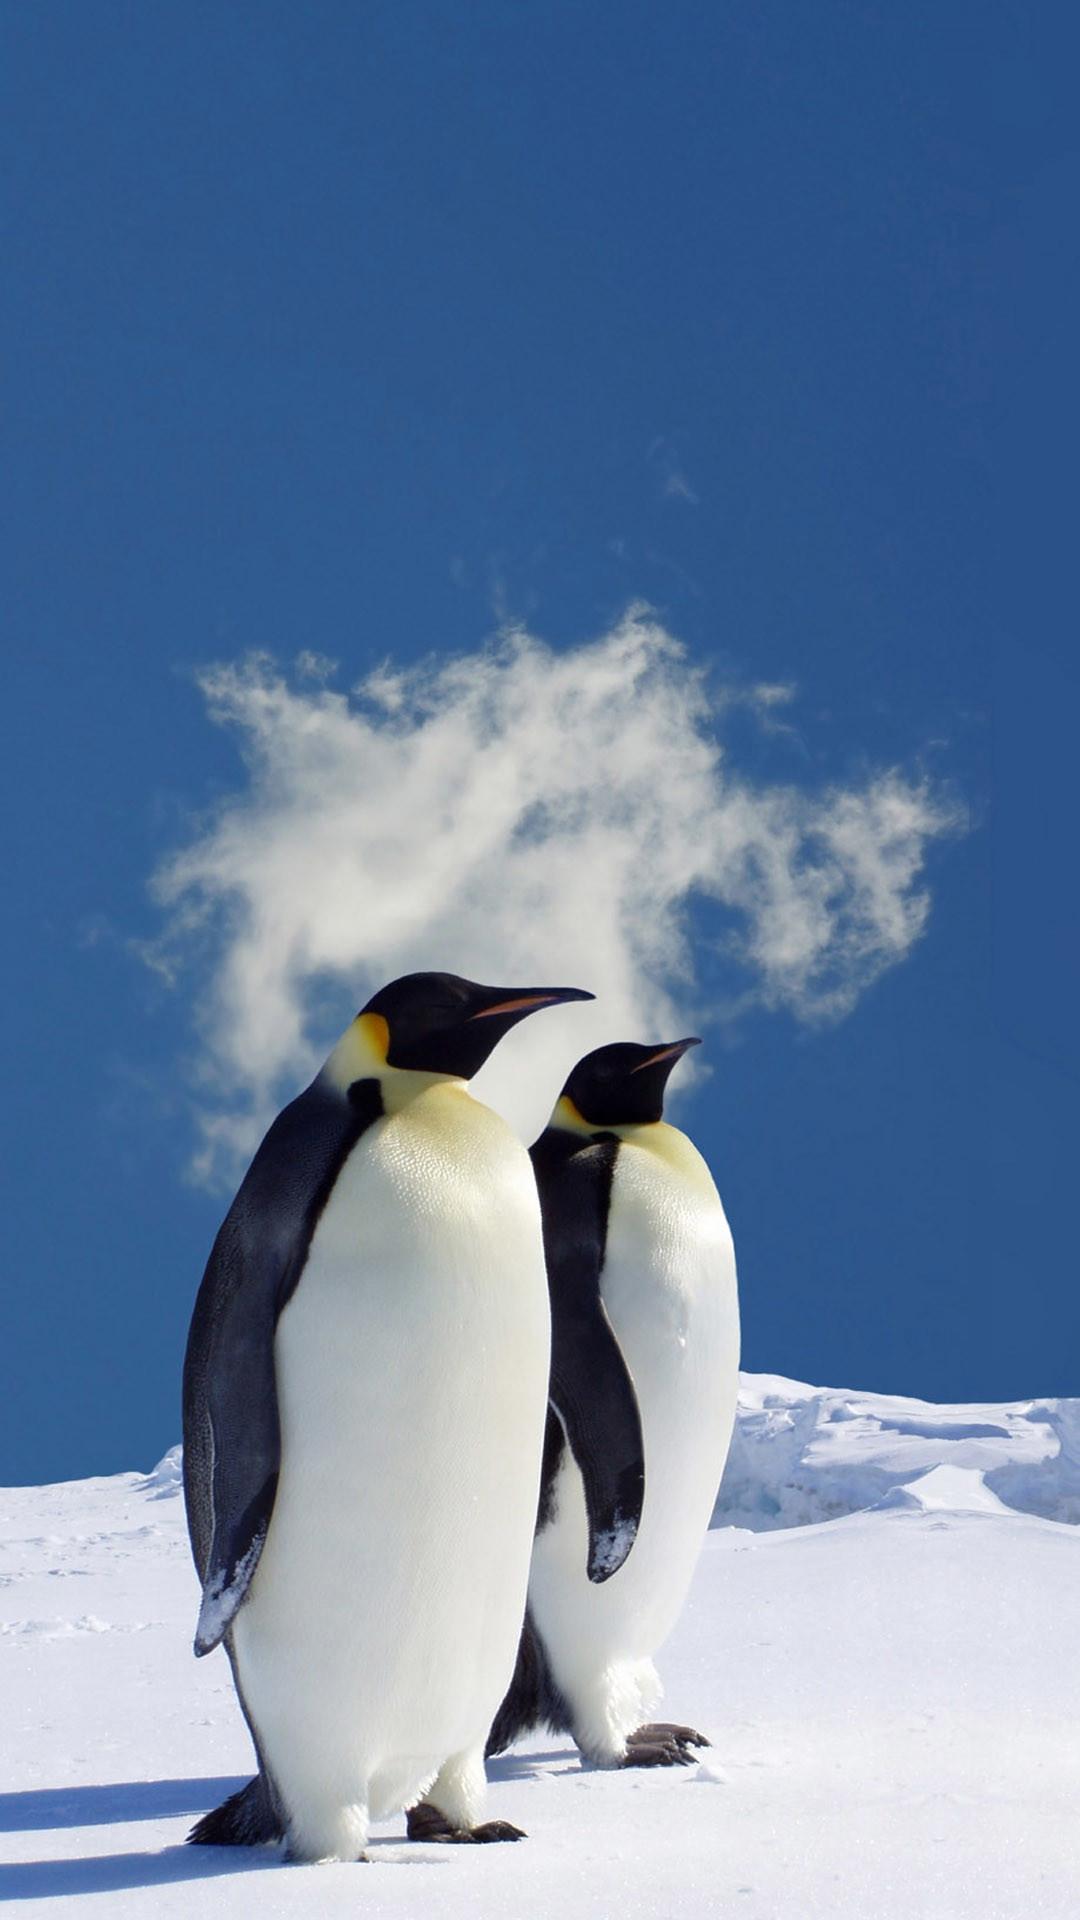 Penguin Wallpaper Screensavers 56 images 1080x1920